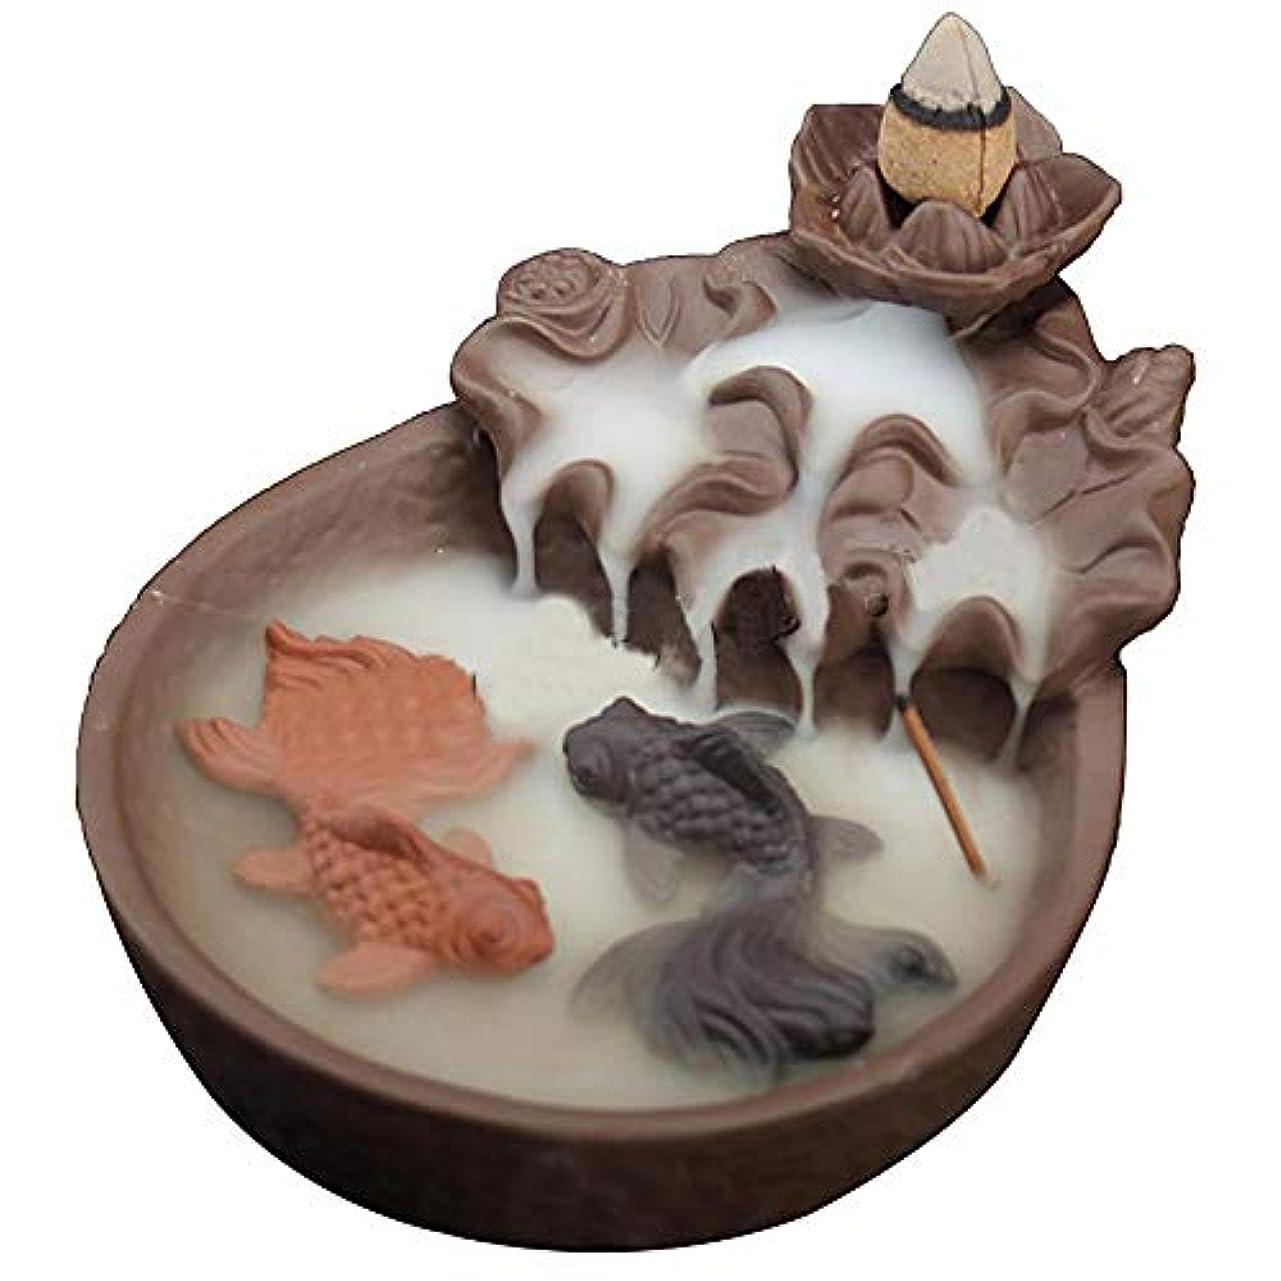 時代遅れ描写スタウトLEAFIS セラミック製 魚の逆流香炉 お香 コーン型お香 スティックホルダー ヨガルーム ホームデコレーション 手芸ギフトに最適 コーン10個付き